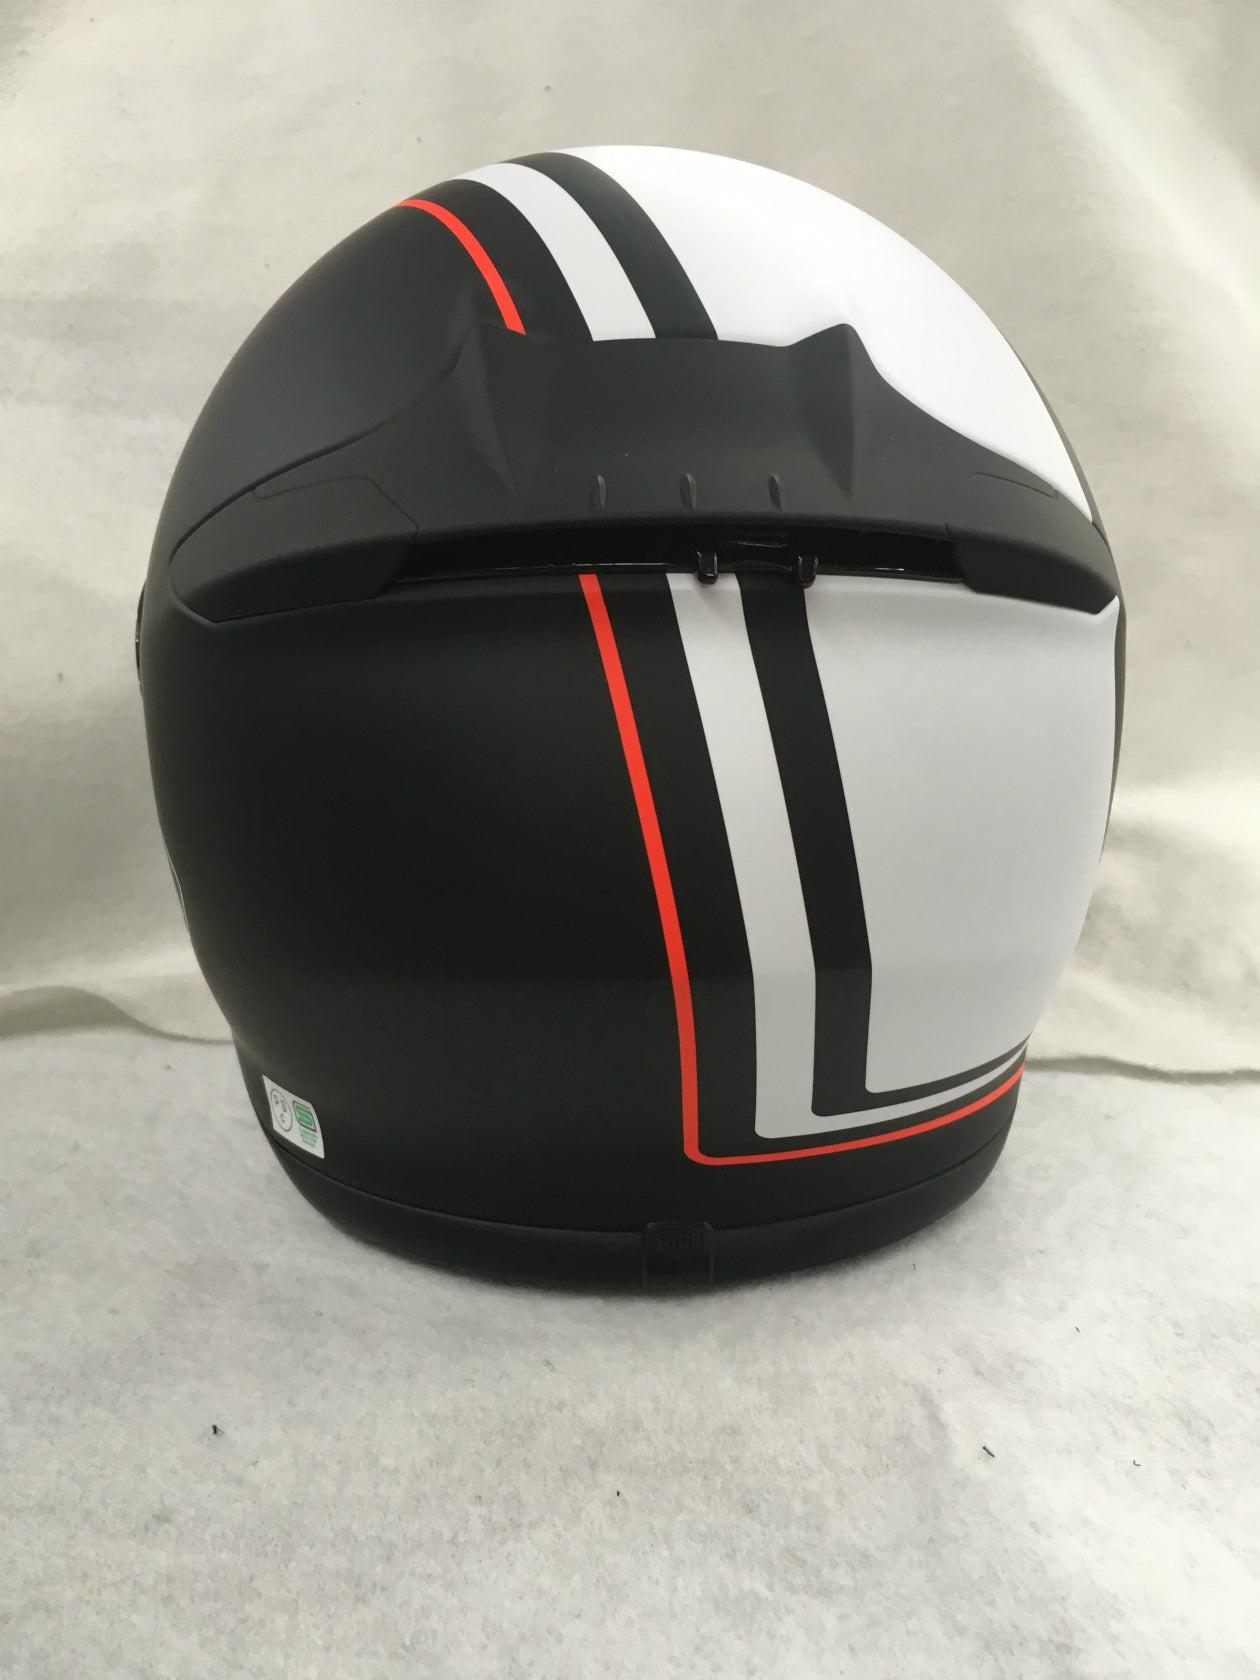 連日の新商品入荷!! Shoei Z 7 Recounter(リカウンター) ライコランド柏店 ヘルメット担当